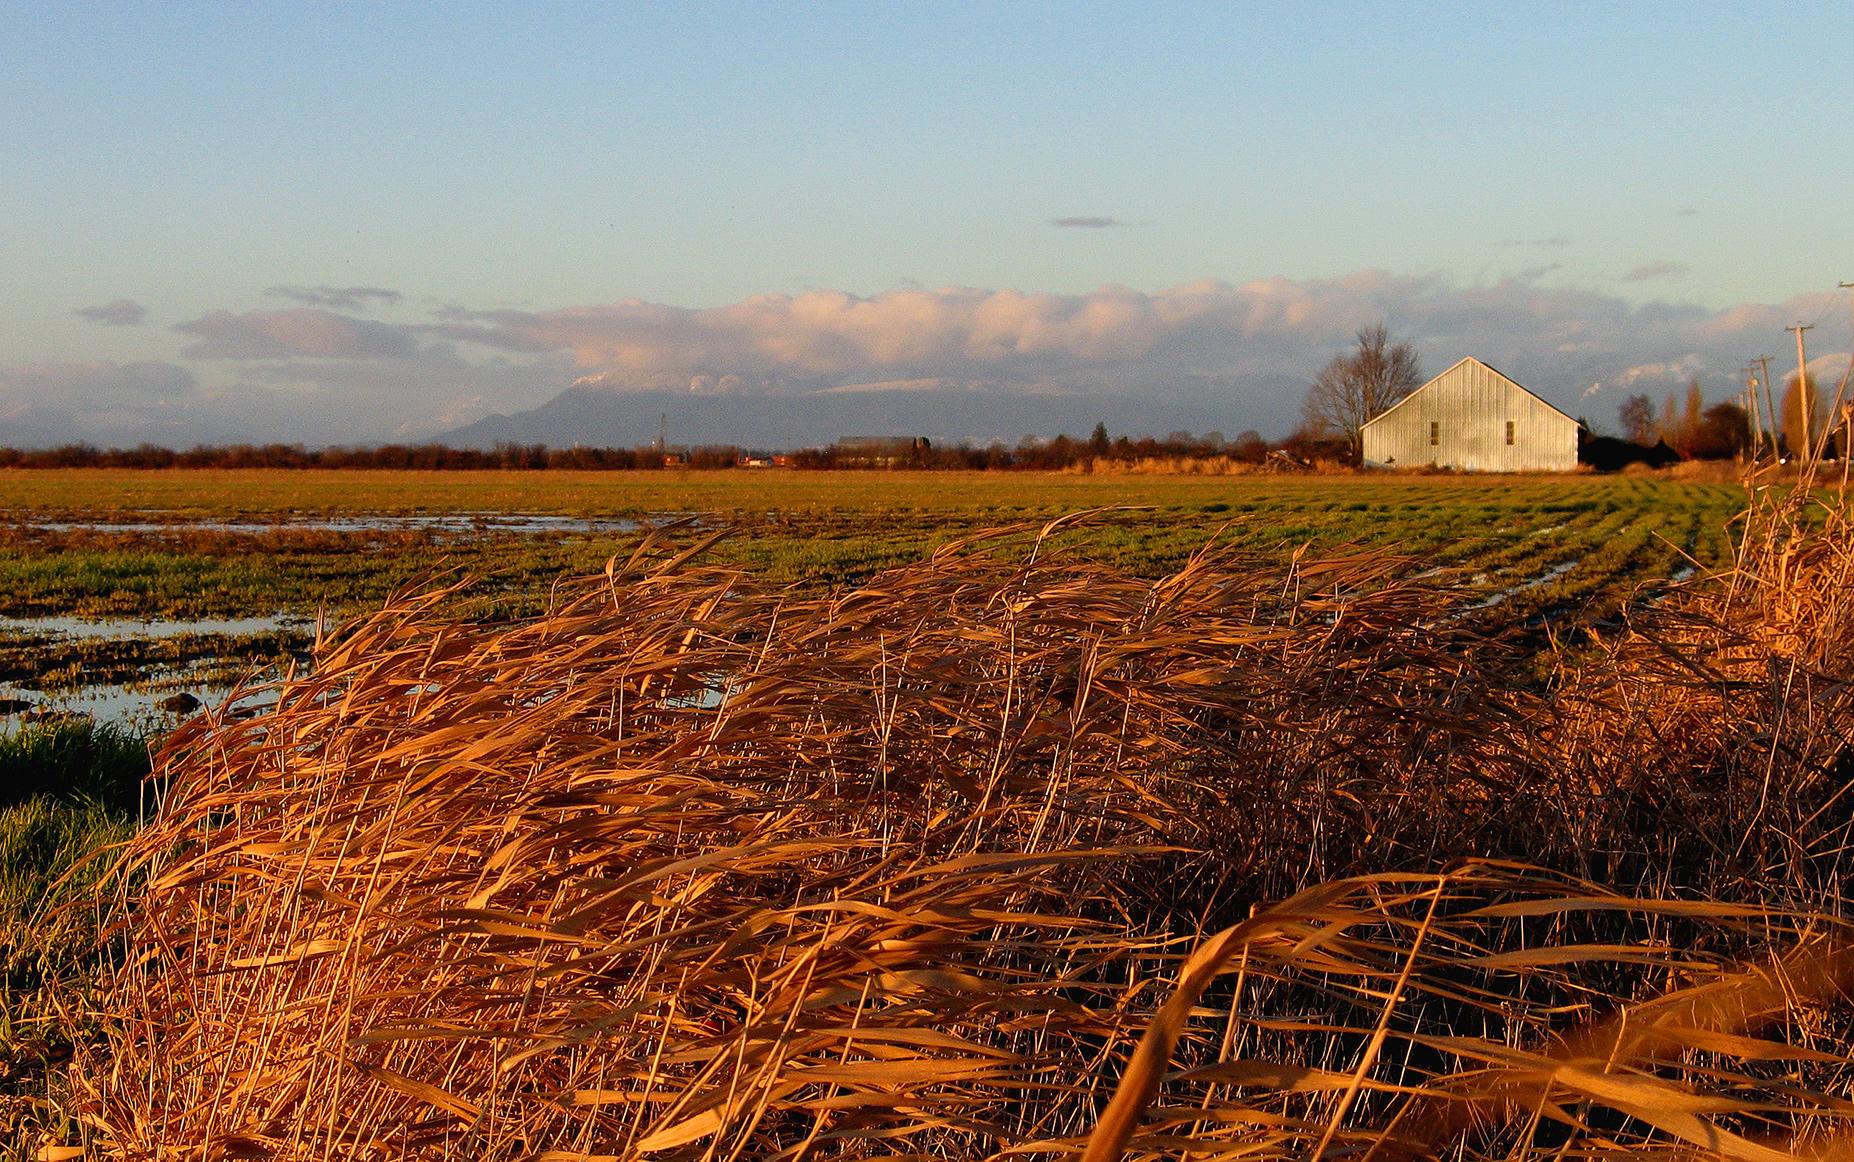 Bill 15 - Agricultural Land (Photo: Gord McKenna)